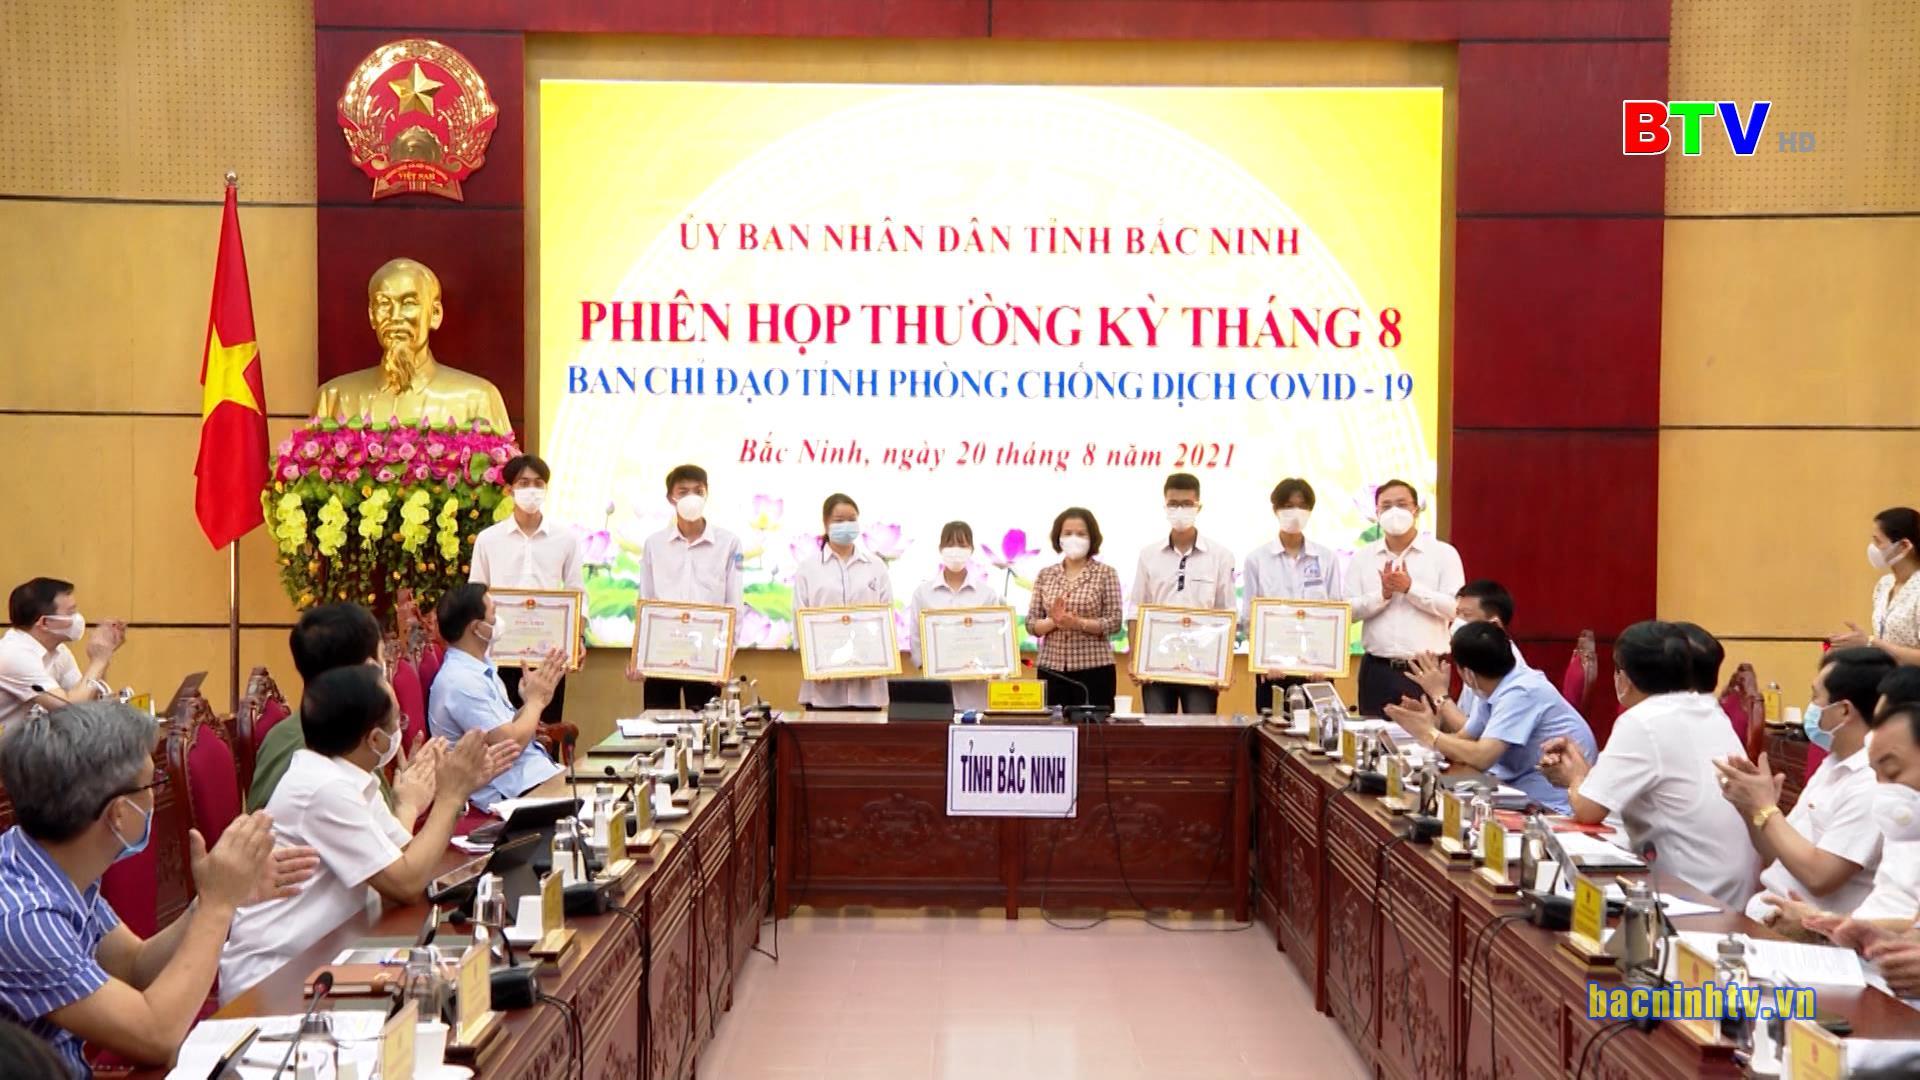 Chủ tịch UBND tỉnh khen thưởng chuyên đề tháng 8